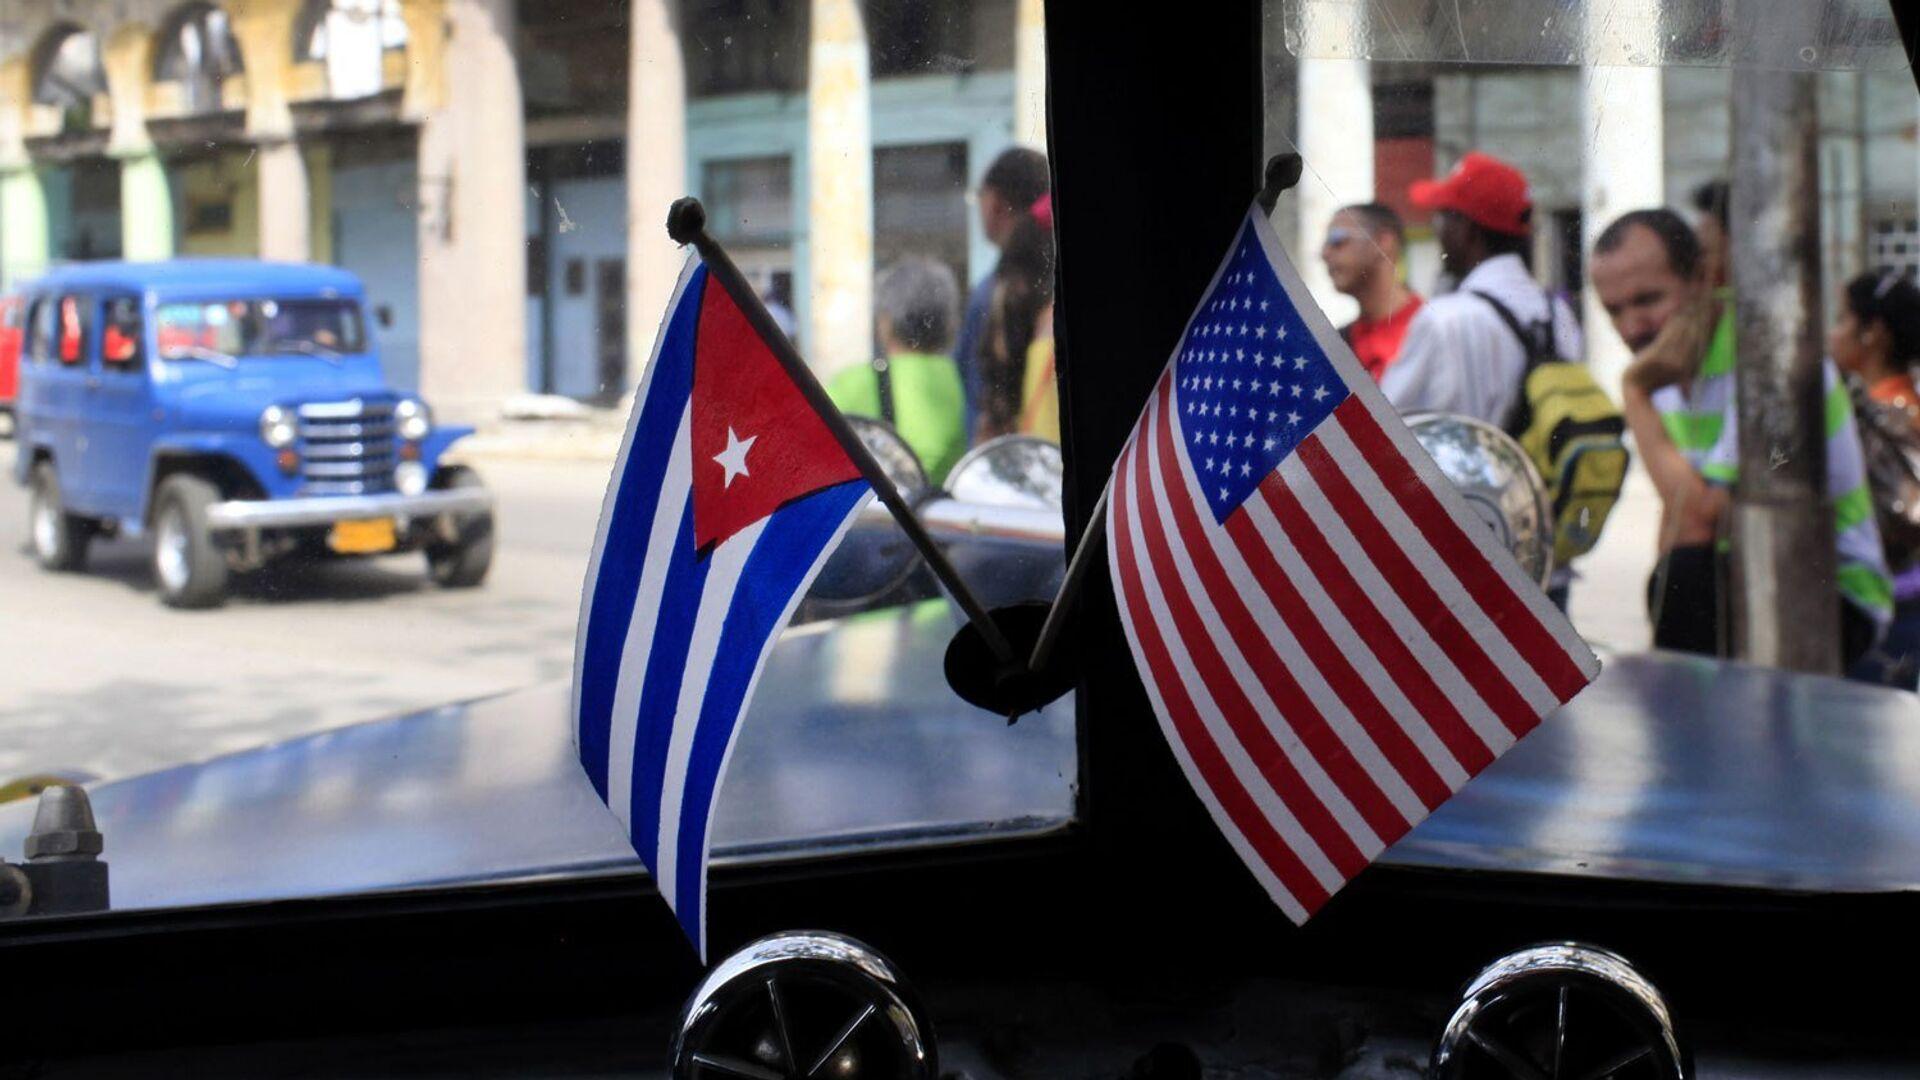 Banderas de EEUU y Cuba - Sputnik Mundo, 1920, 23.07.2021